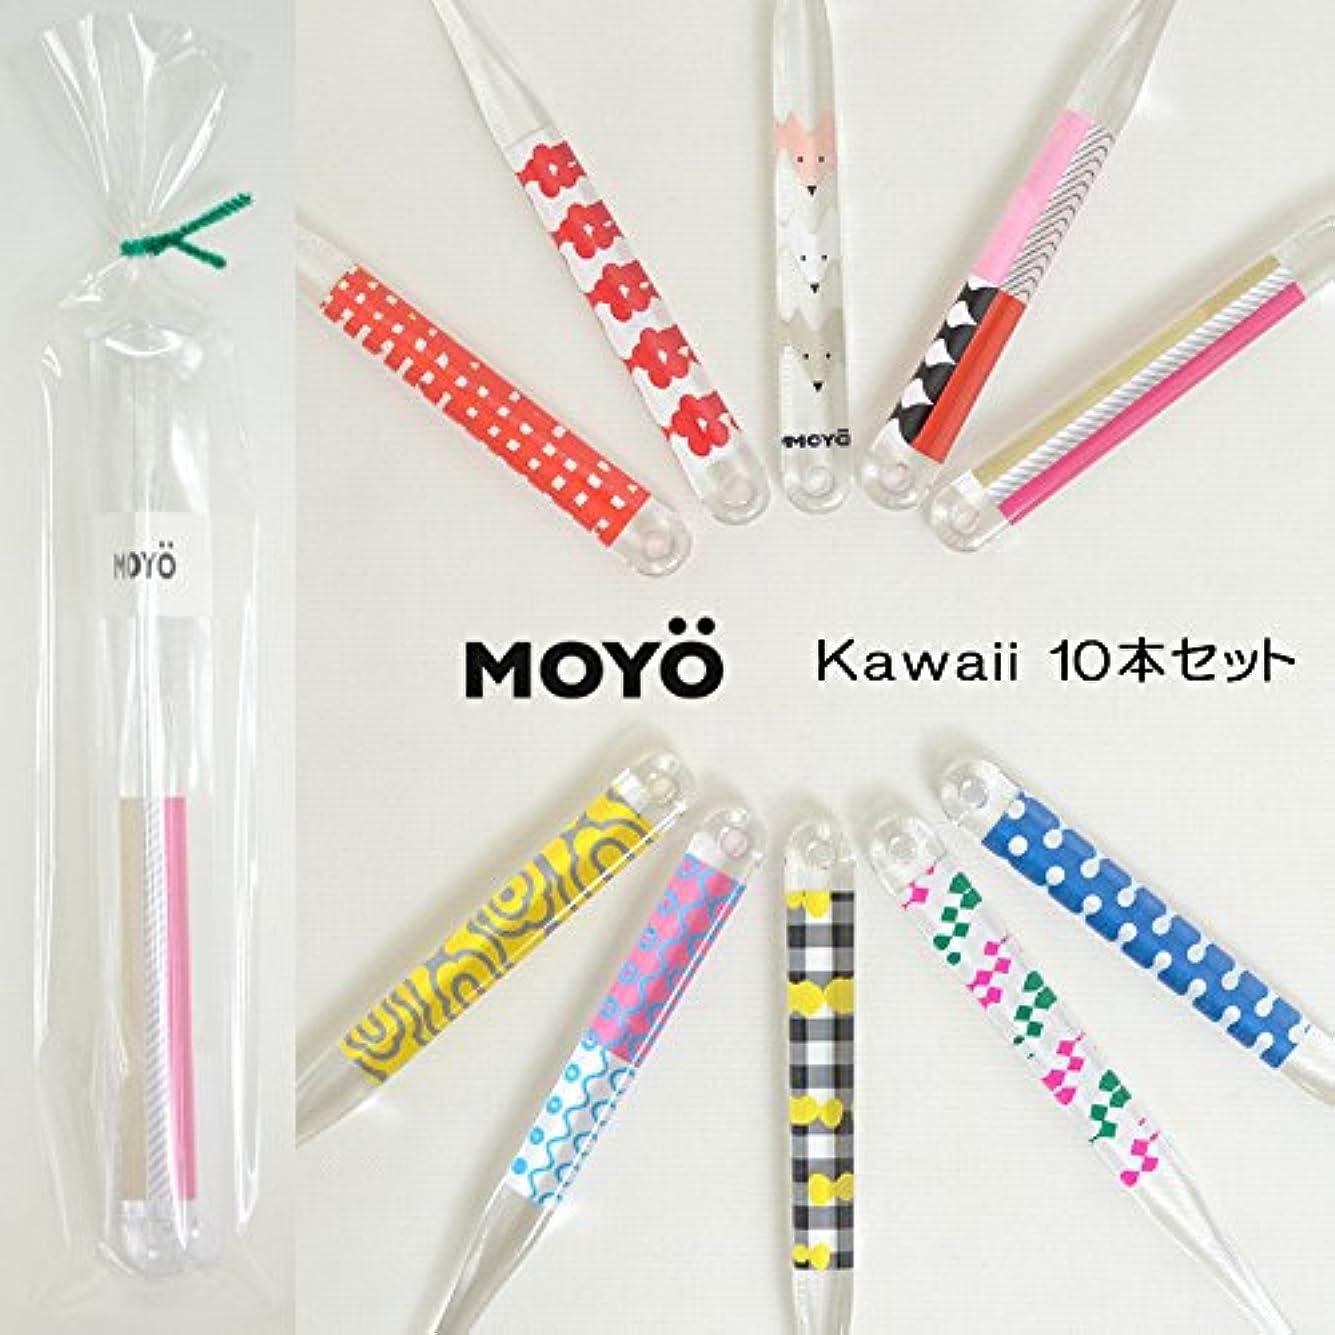 作り上げる祖先あえてMOYO モヨウ kawaii10本 プチ ギフト セット_562302-kawaii2 【F】,kawaii10本セット